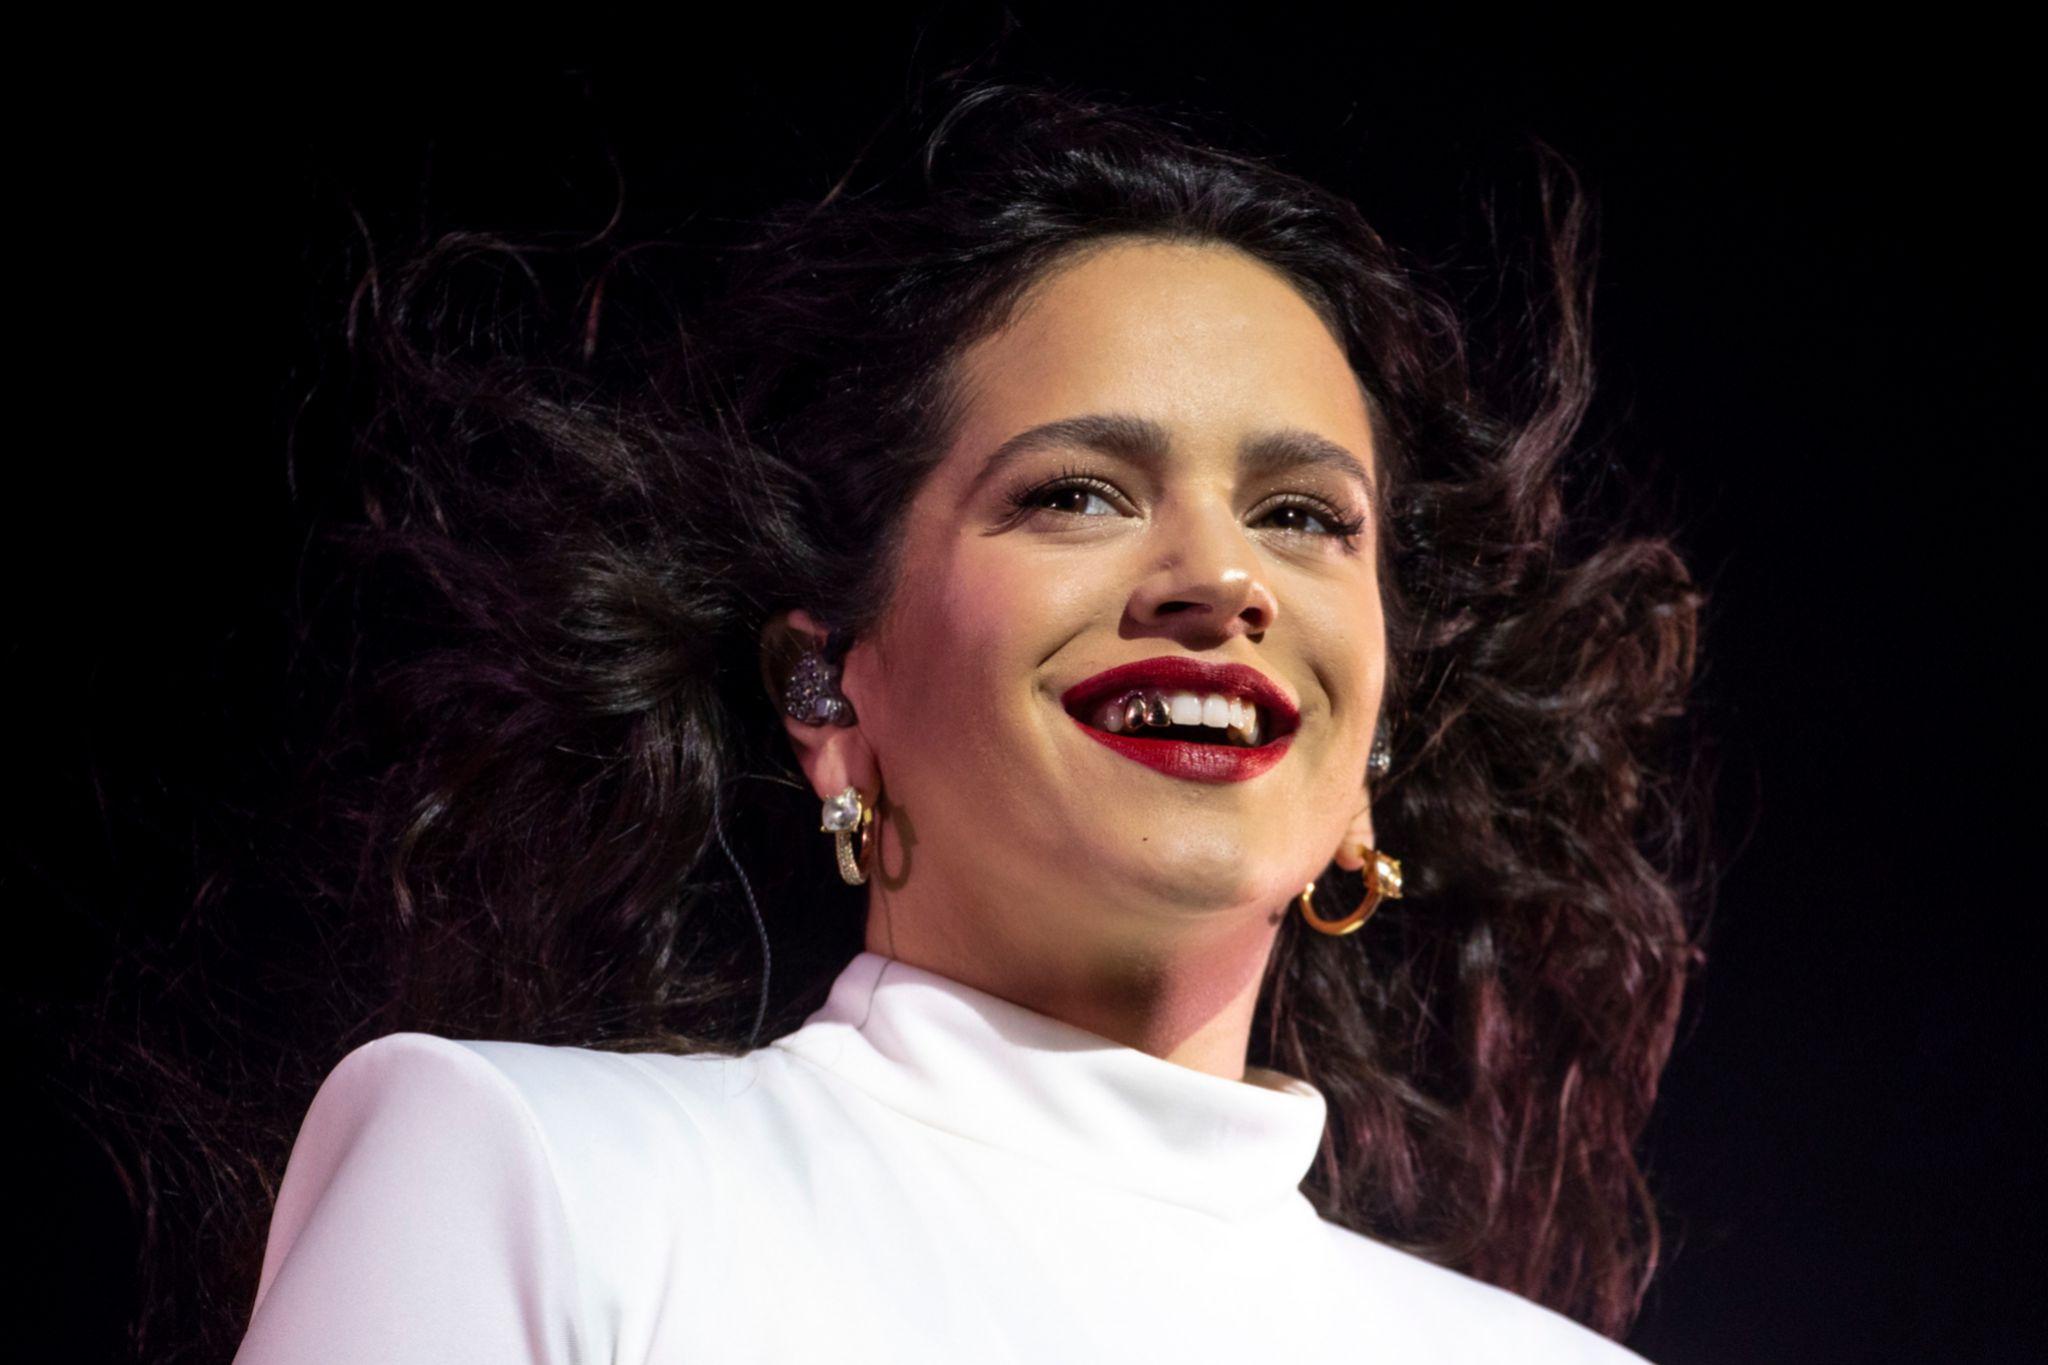 Rosalía durante su concierto en Madrid el 10 de diciembre 2019